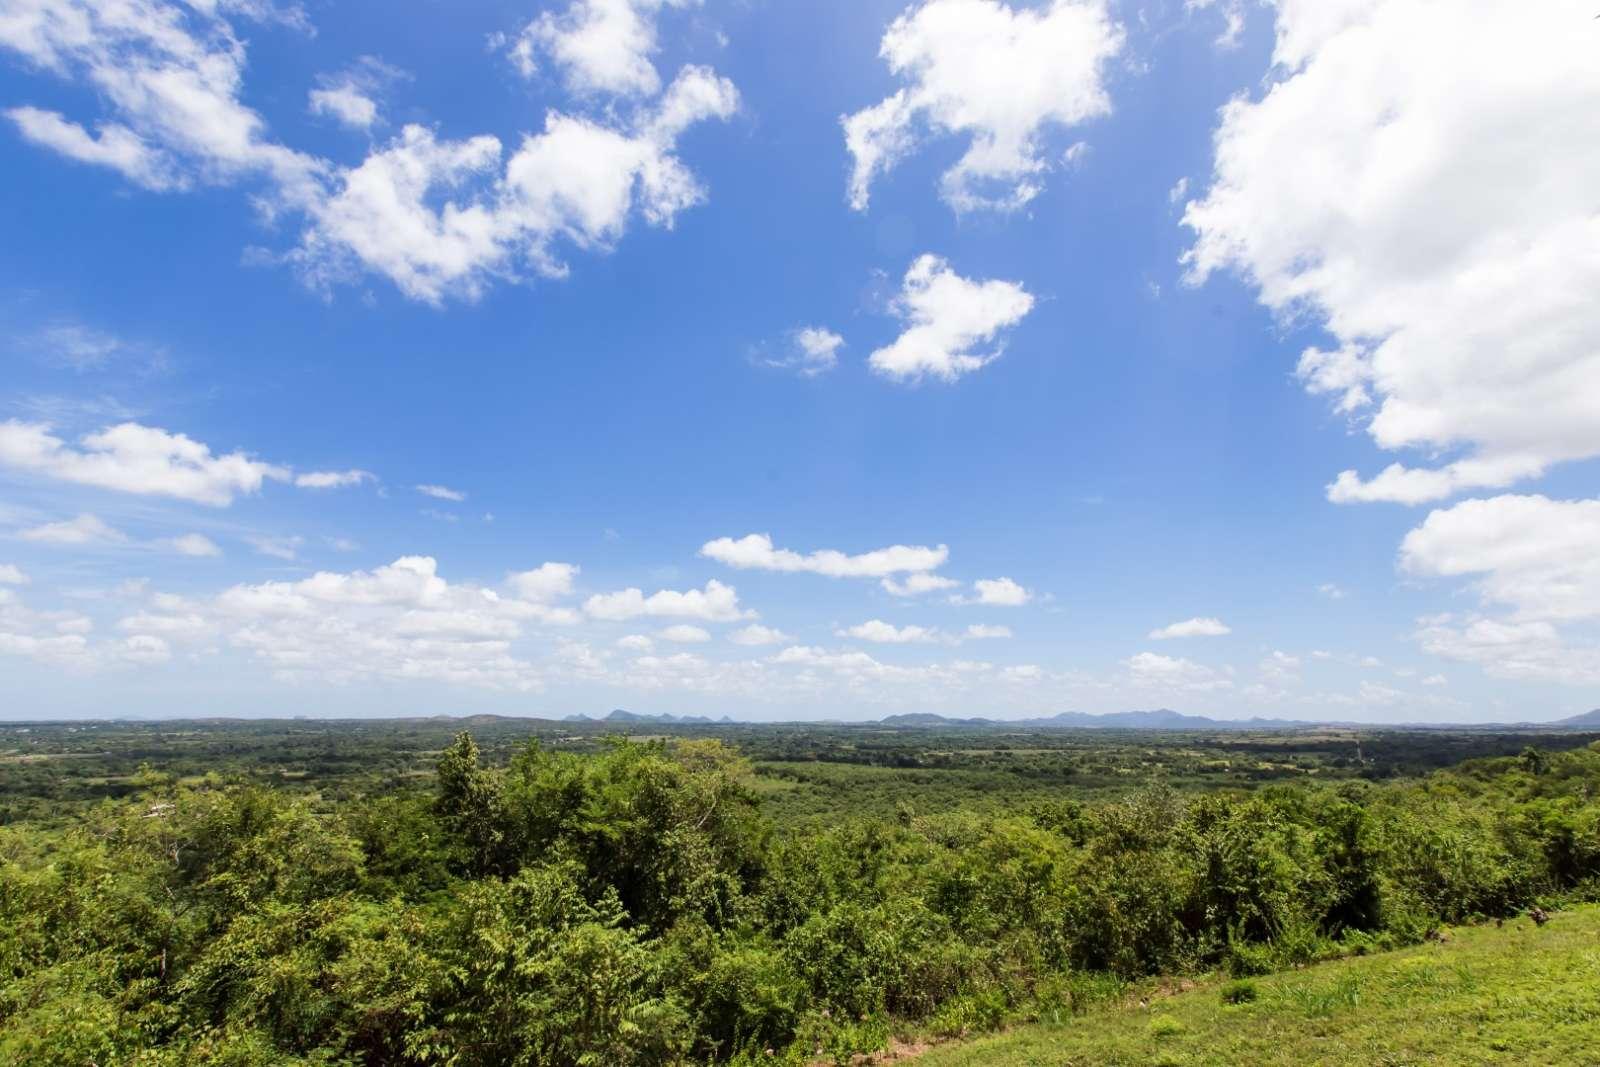 The countryside near Guardalavaca, Cuba